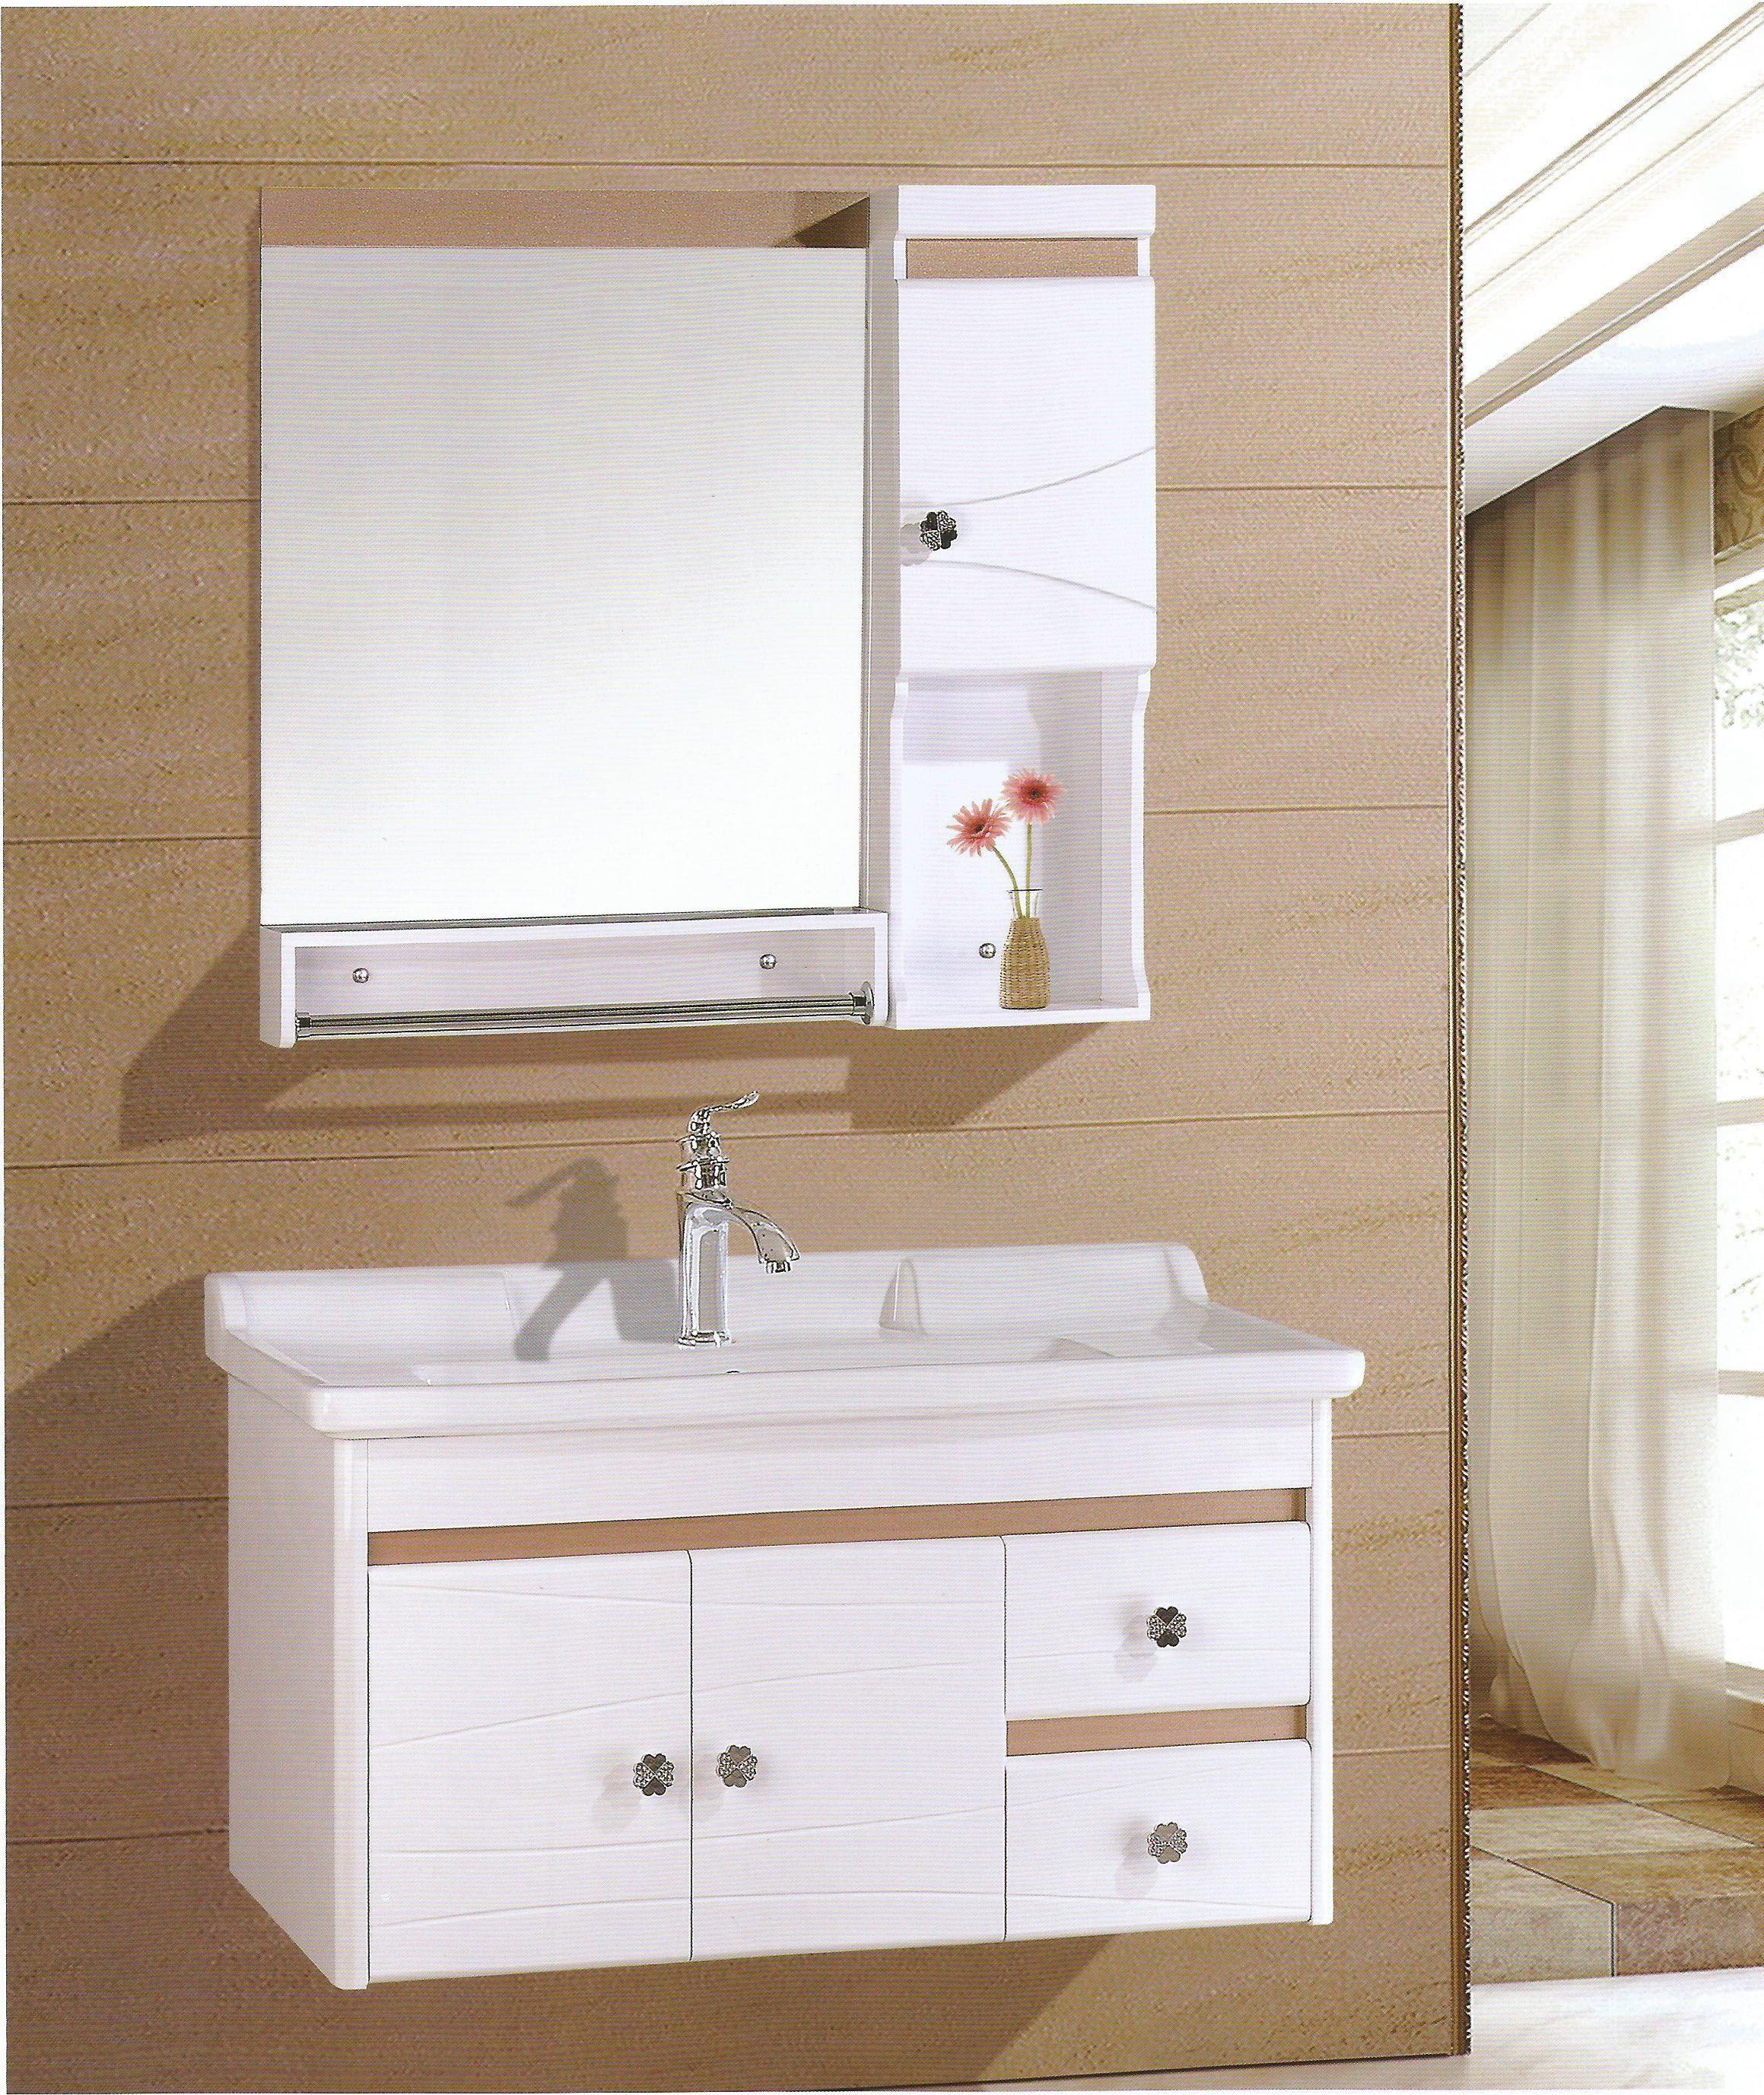 包邮80cm欧式浴室柜pvc洗漱台洗脸盆面盆柜厕所洗手